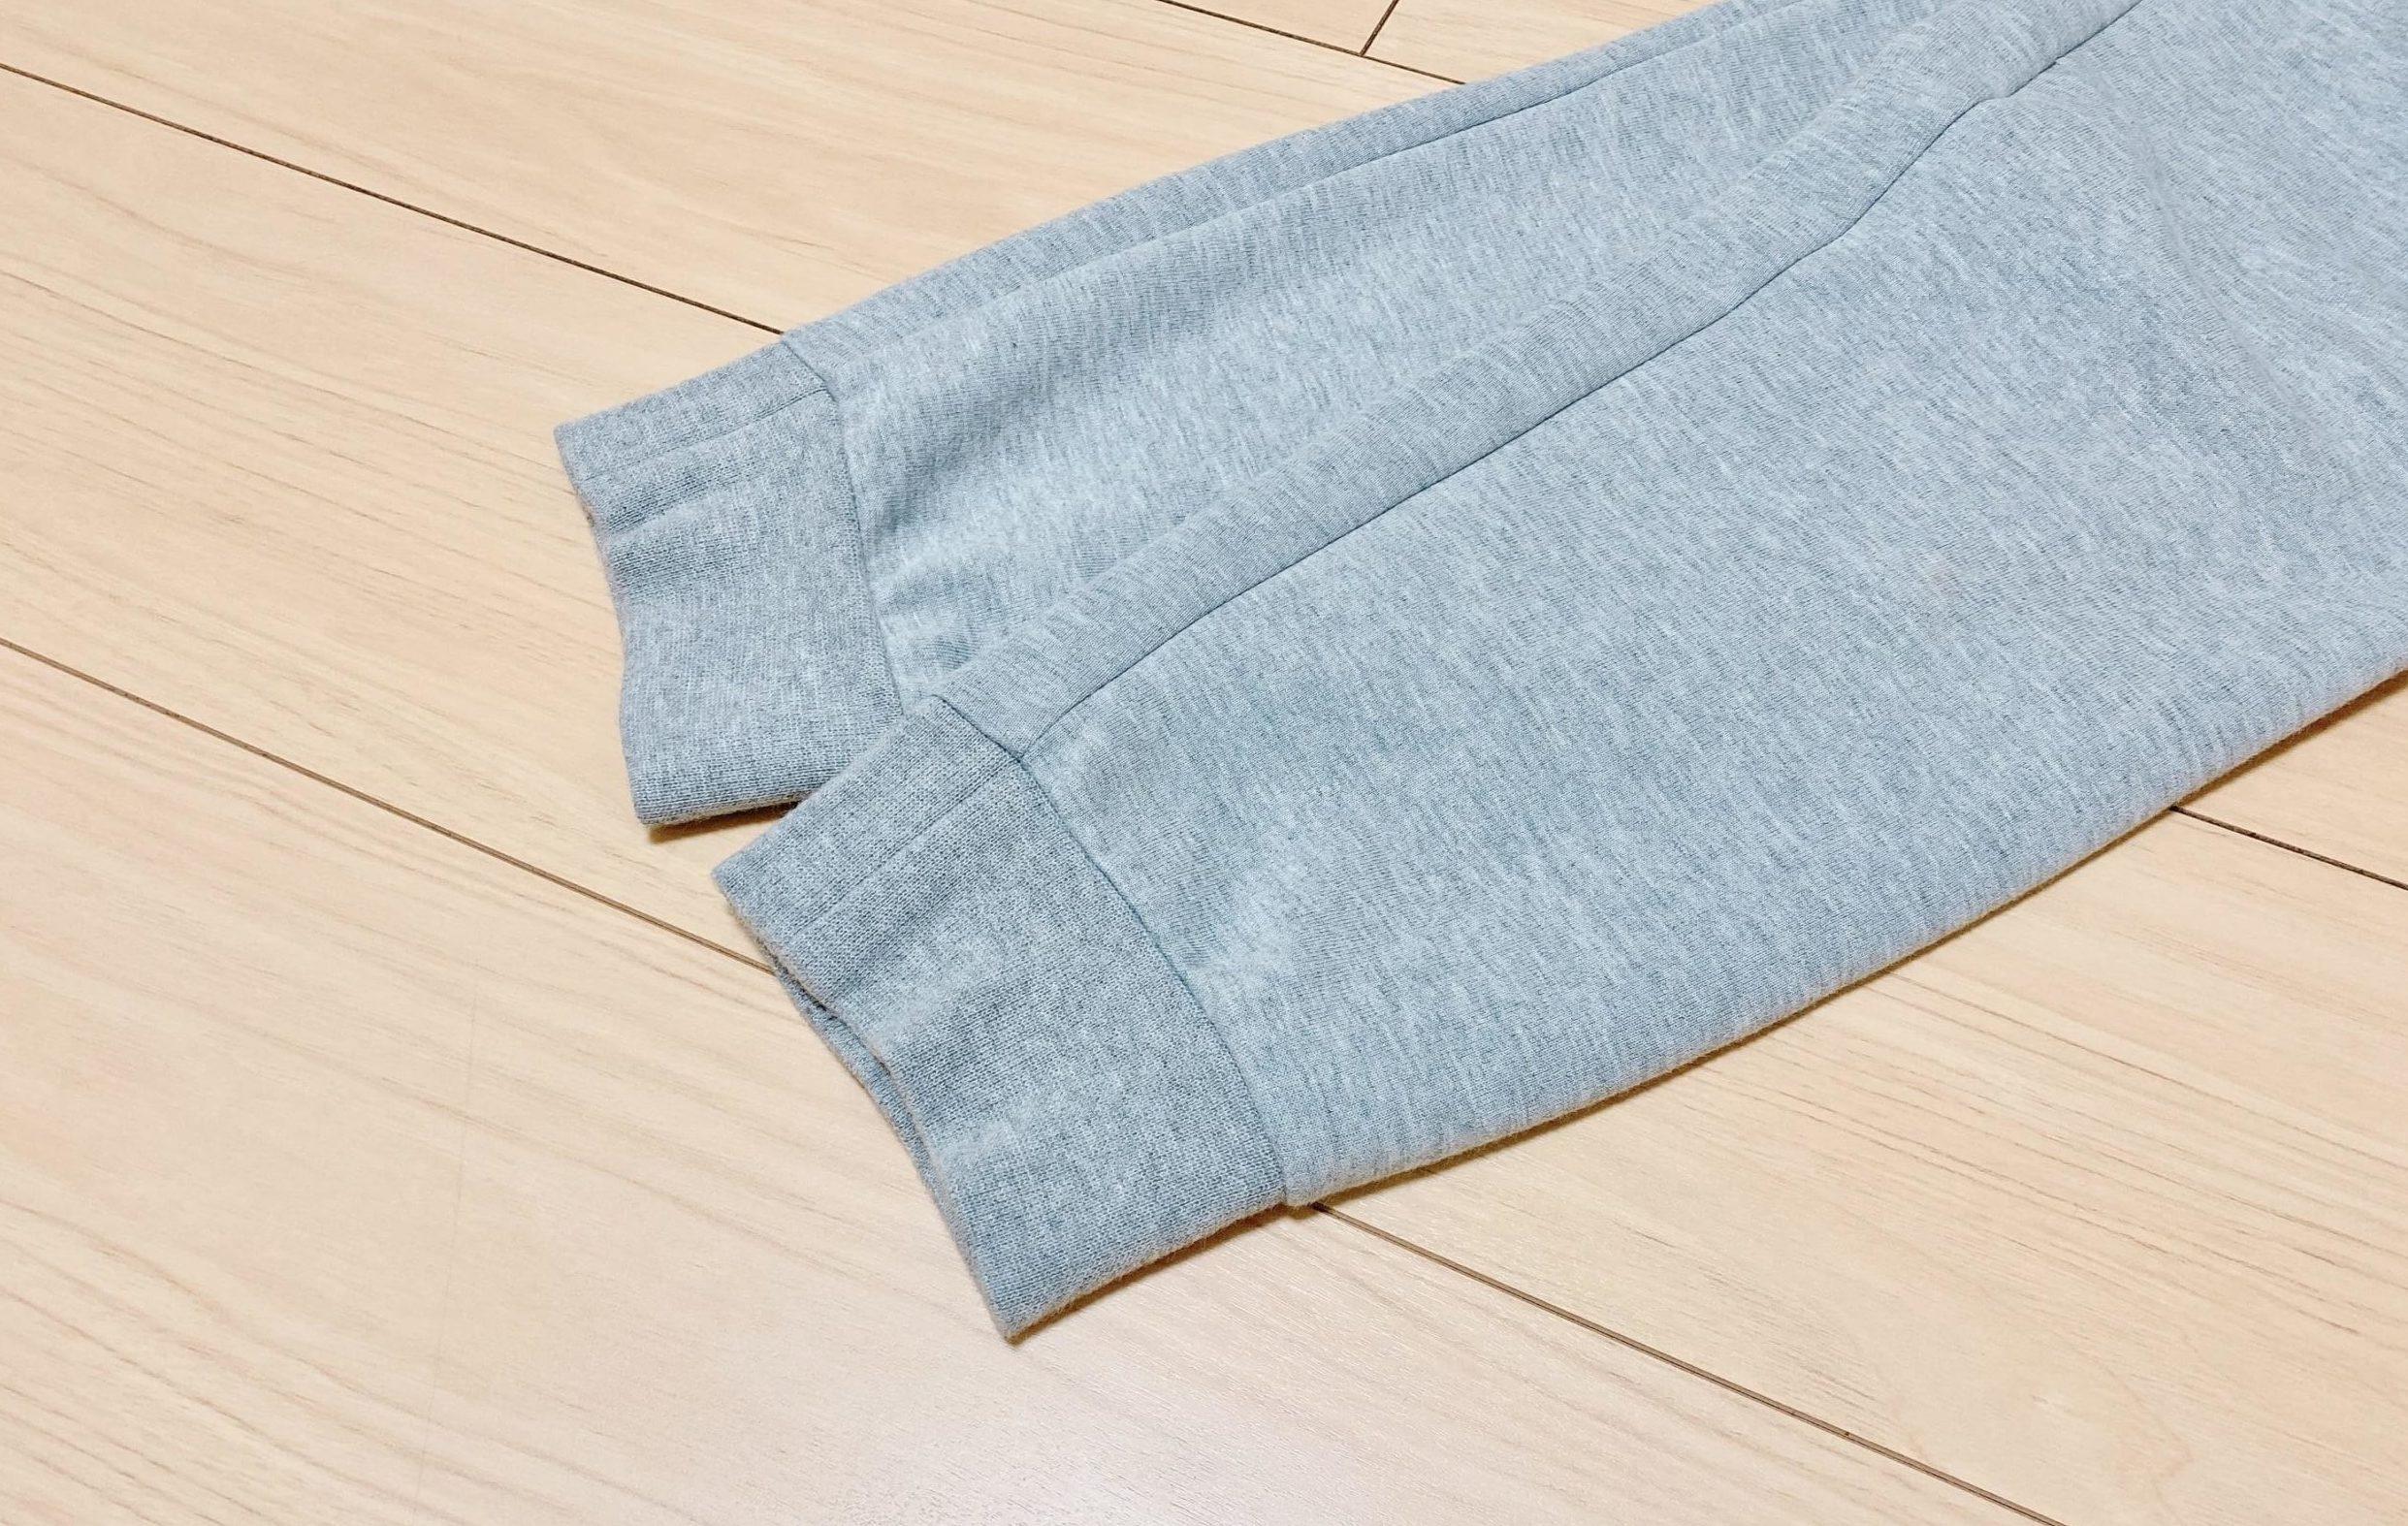 テックフリースジョガーパンツの裾のリブ部分